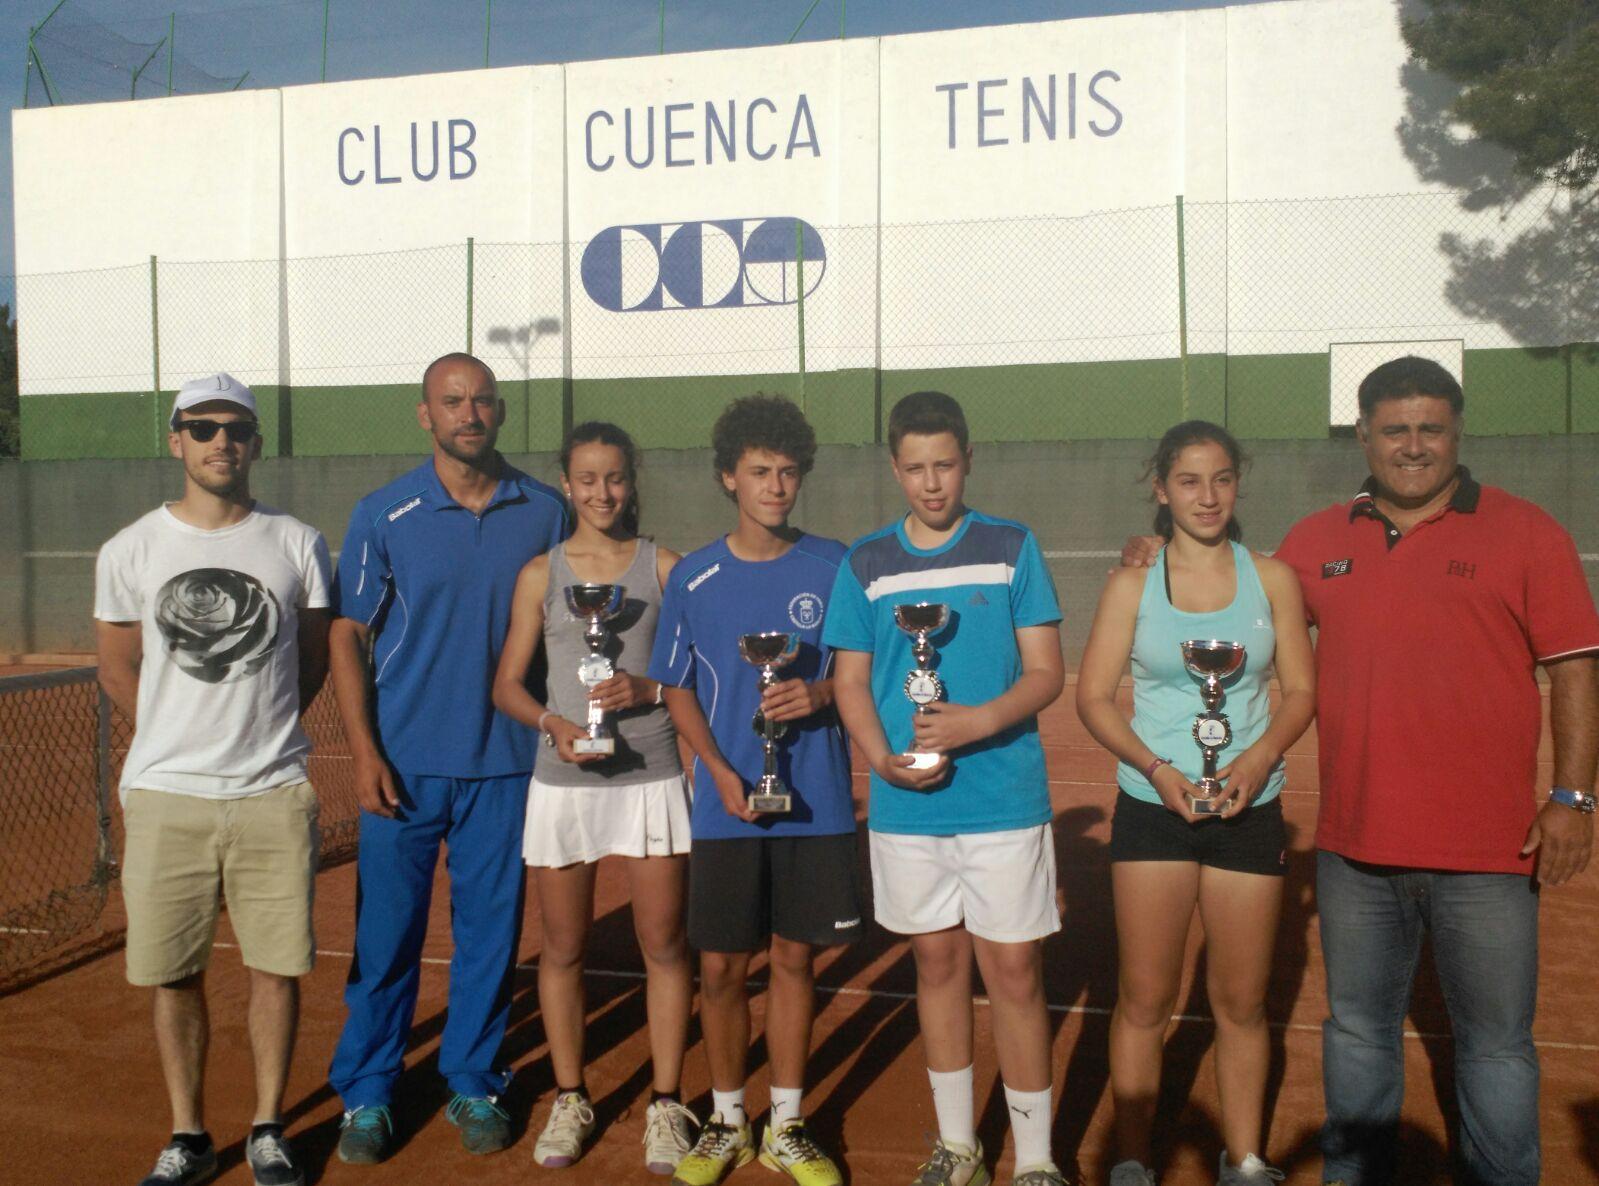 Finalizado el Campeonato regional de tenis en edad escolar celebrado en Cuenca